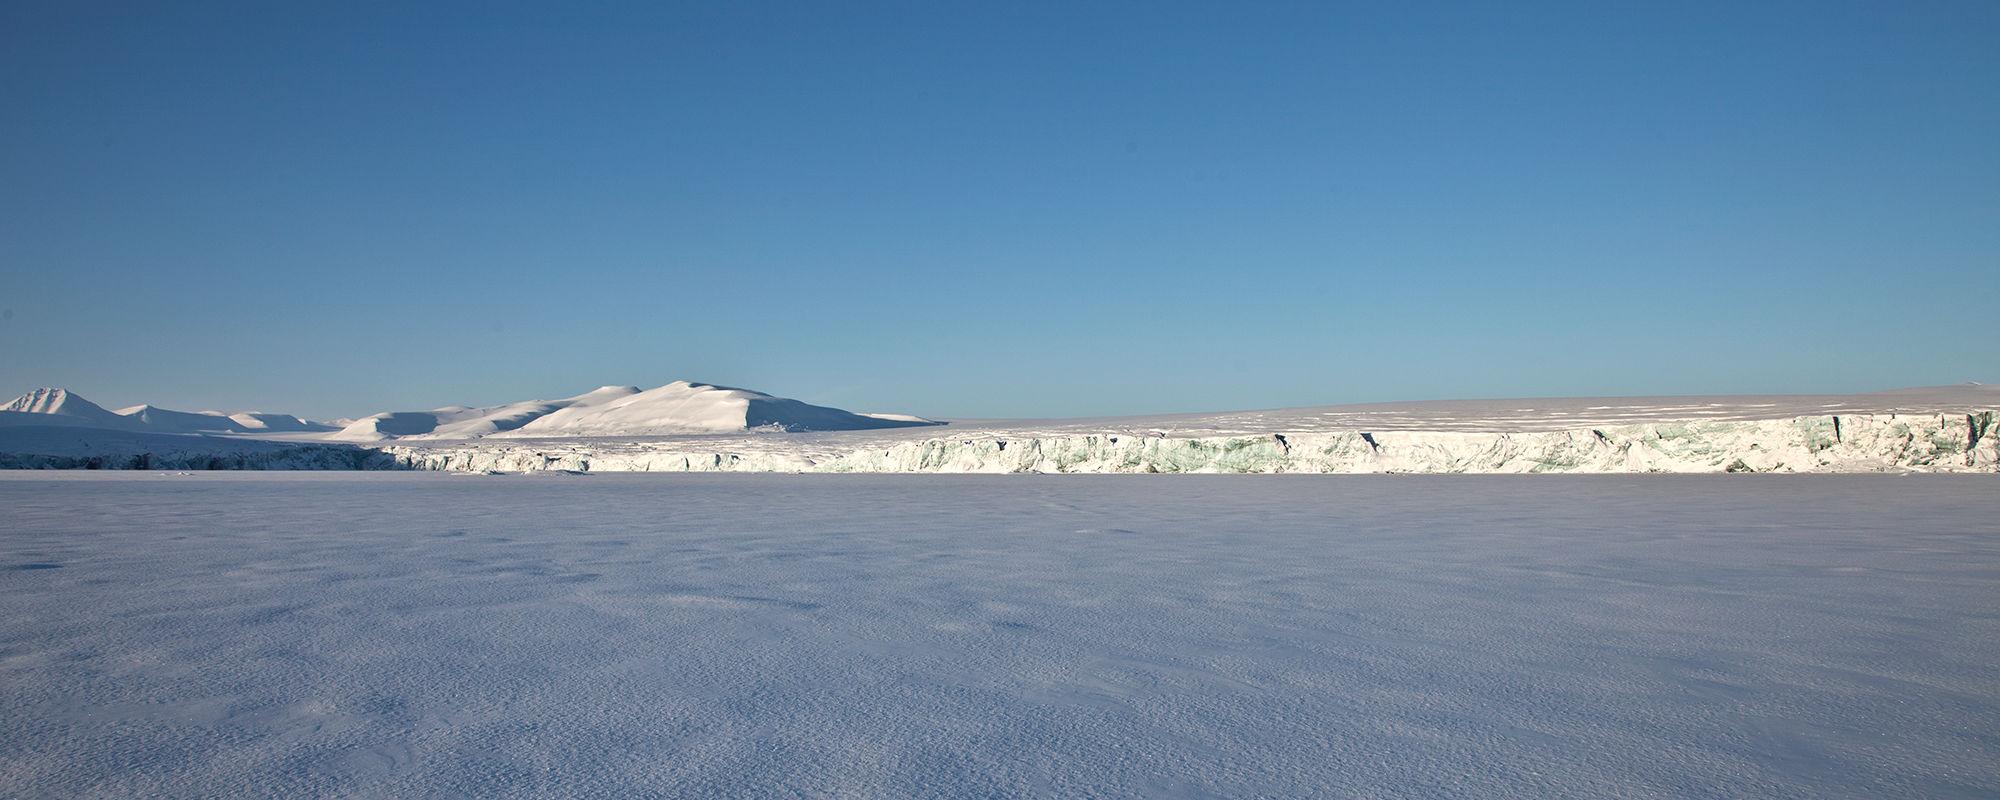 Mohnbukta an der Ostküste Spitzbergen